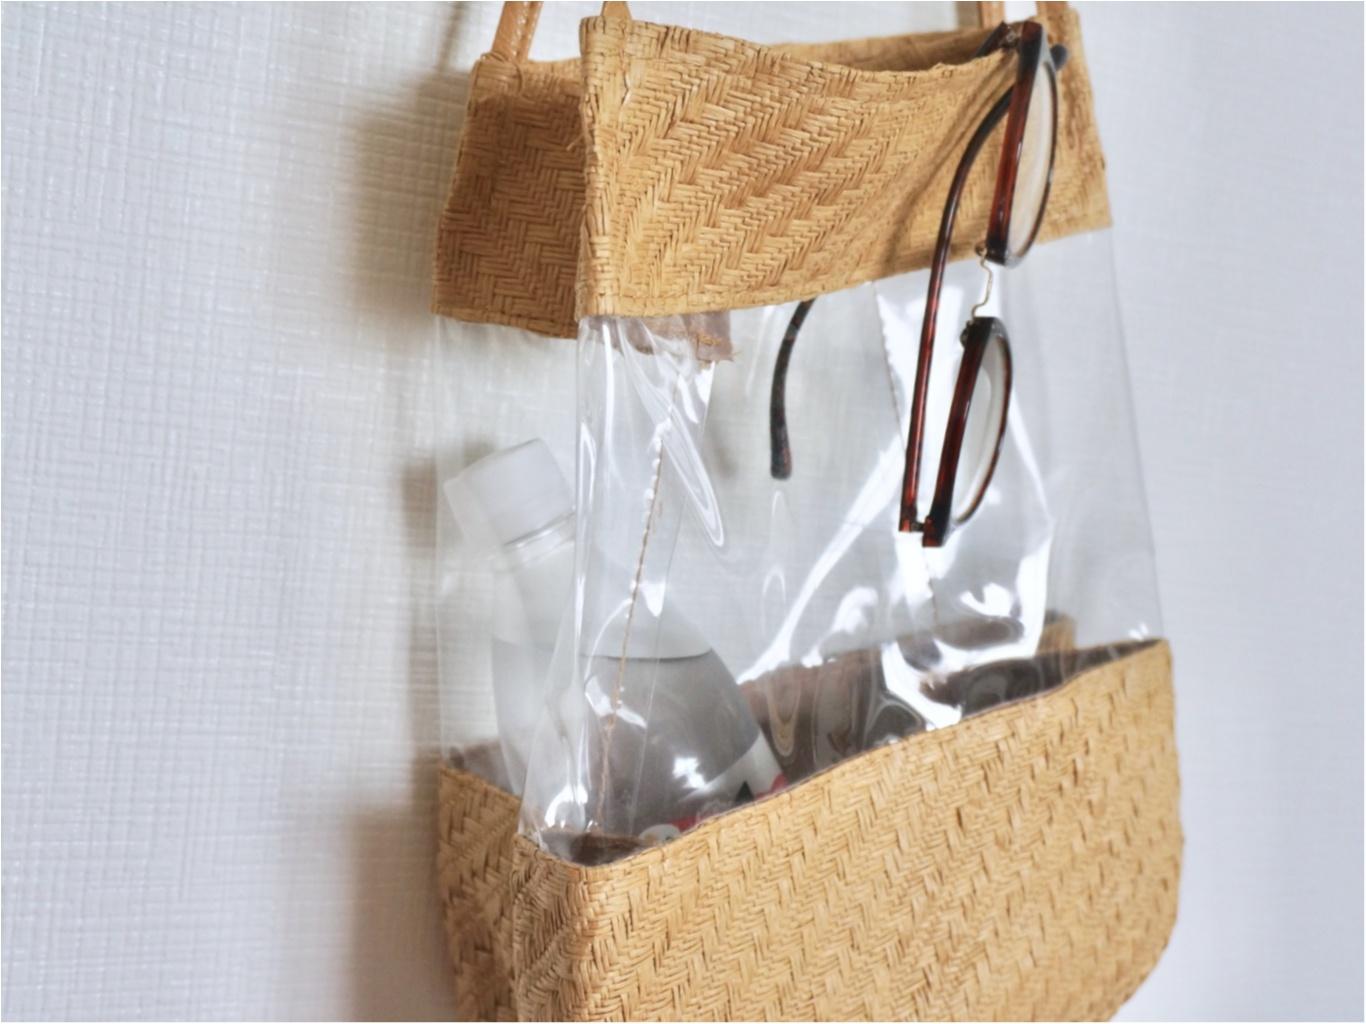 【3coins】可愛すぎる《ワンコインのPVCバッグ》が大人気って噂❤️知ってますか?_3